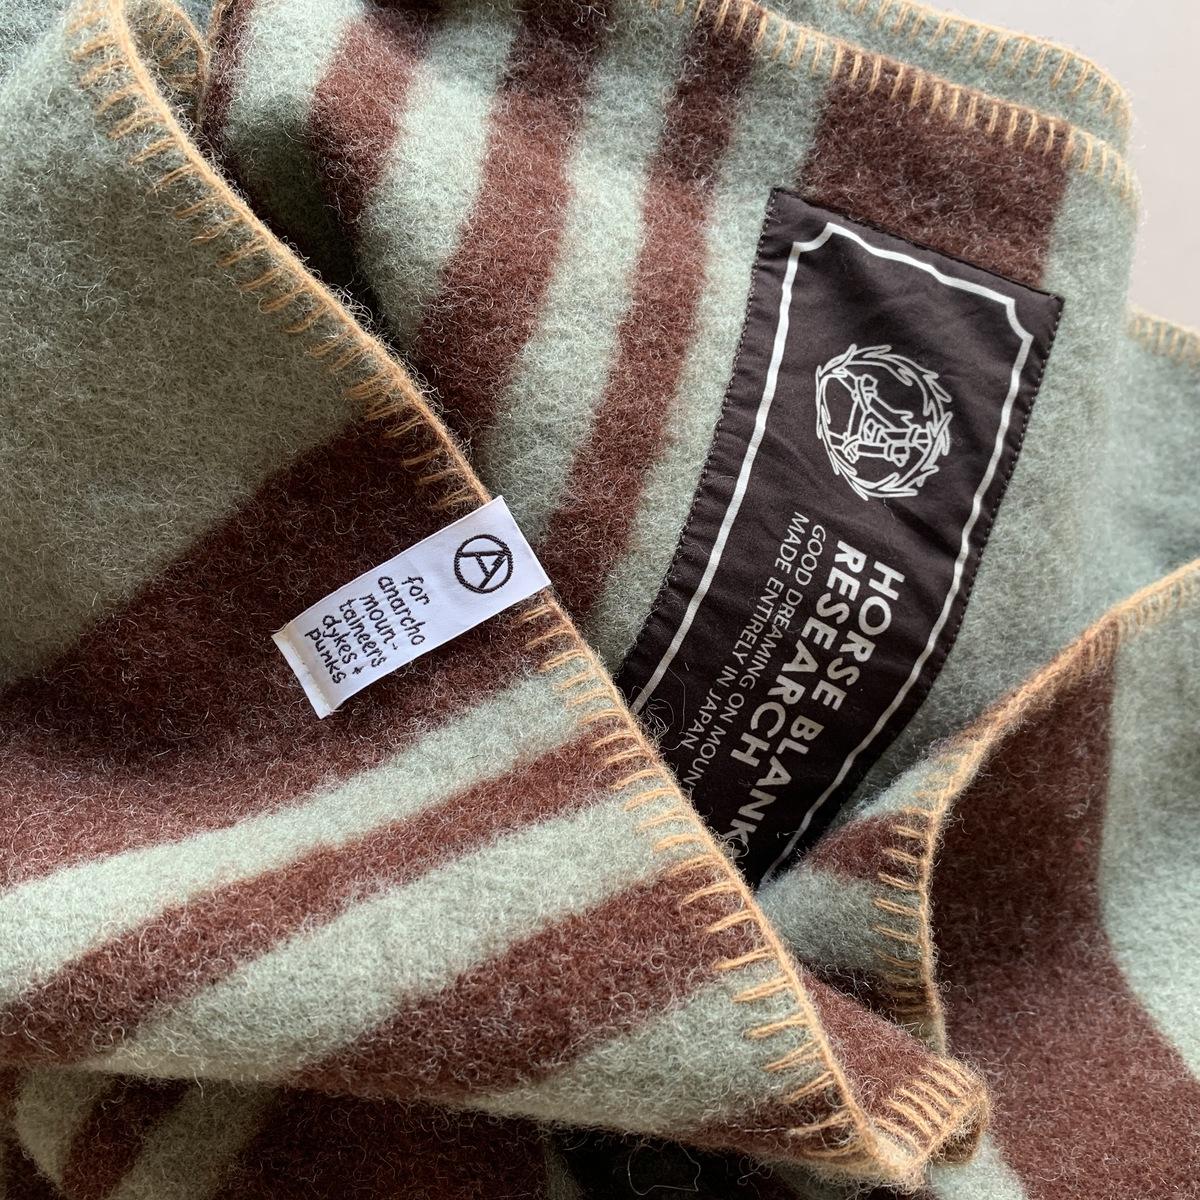 【最大2,000円OFFクーポン】Blanket 1/2 GREY×WINE【Horse Blanket Research】ホースブランケット ブランケット ウール